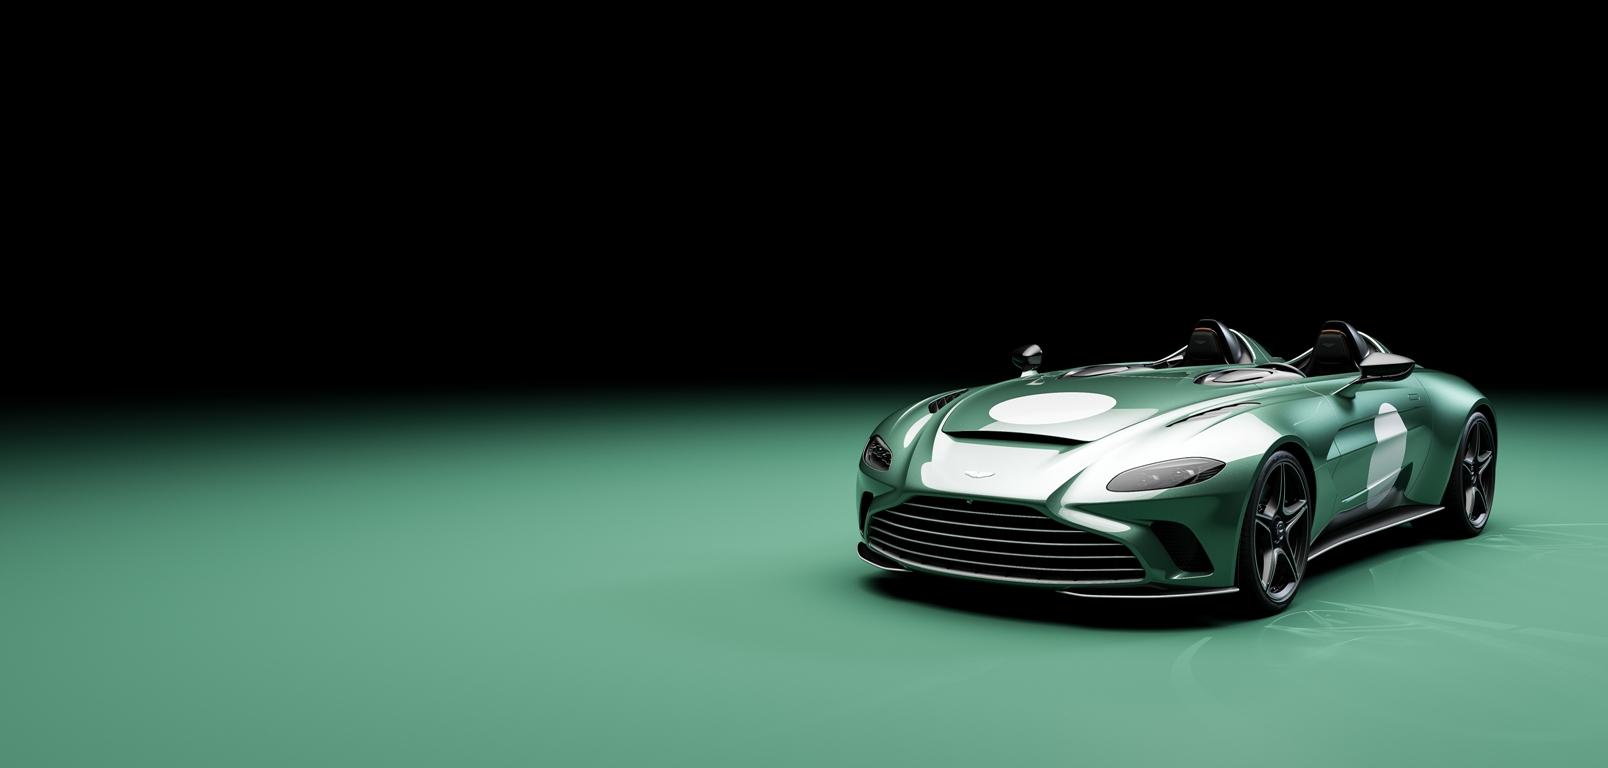 Aston Martin V12 Speedster Especificación Dbr1 (3)